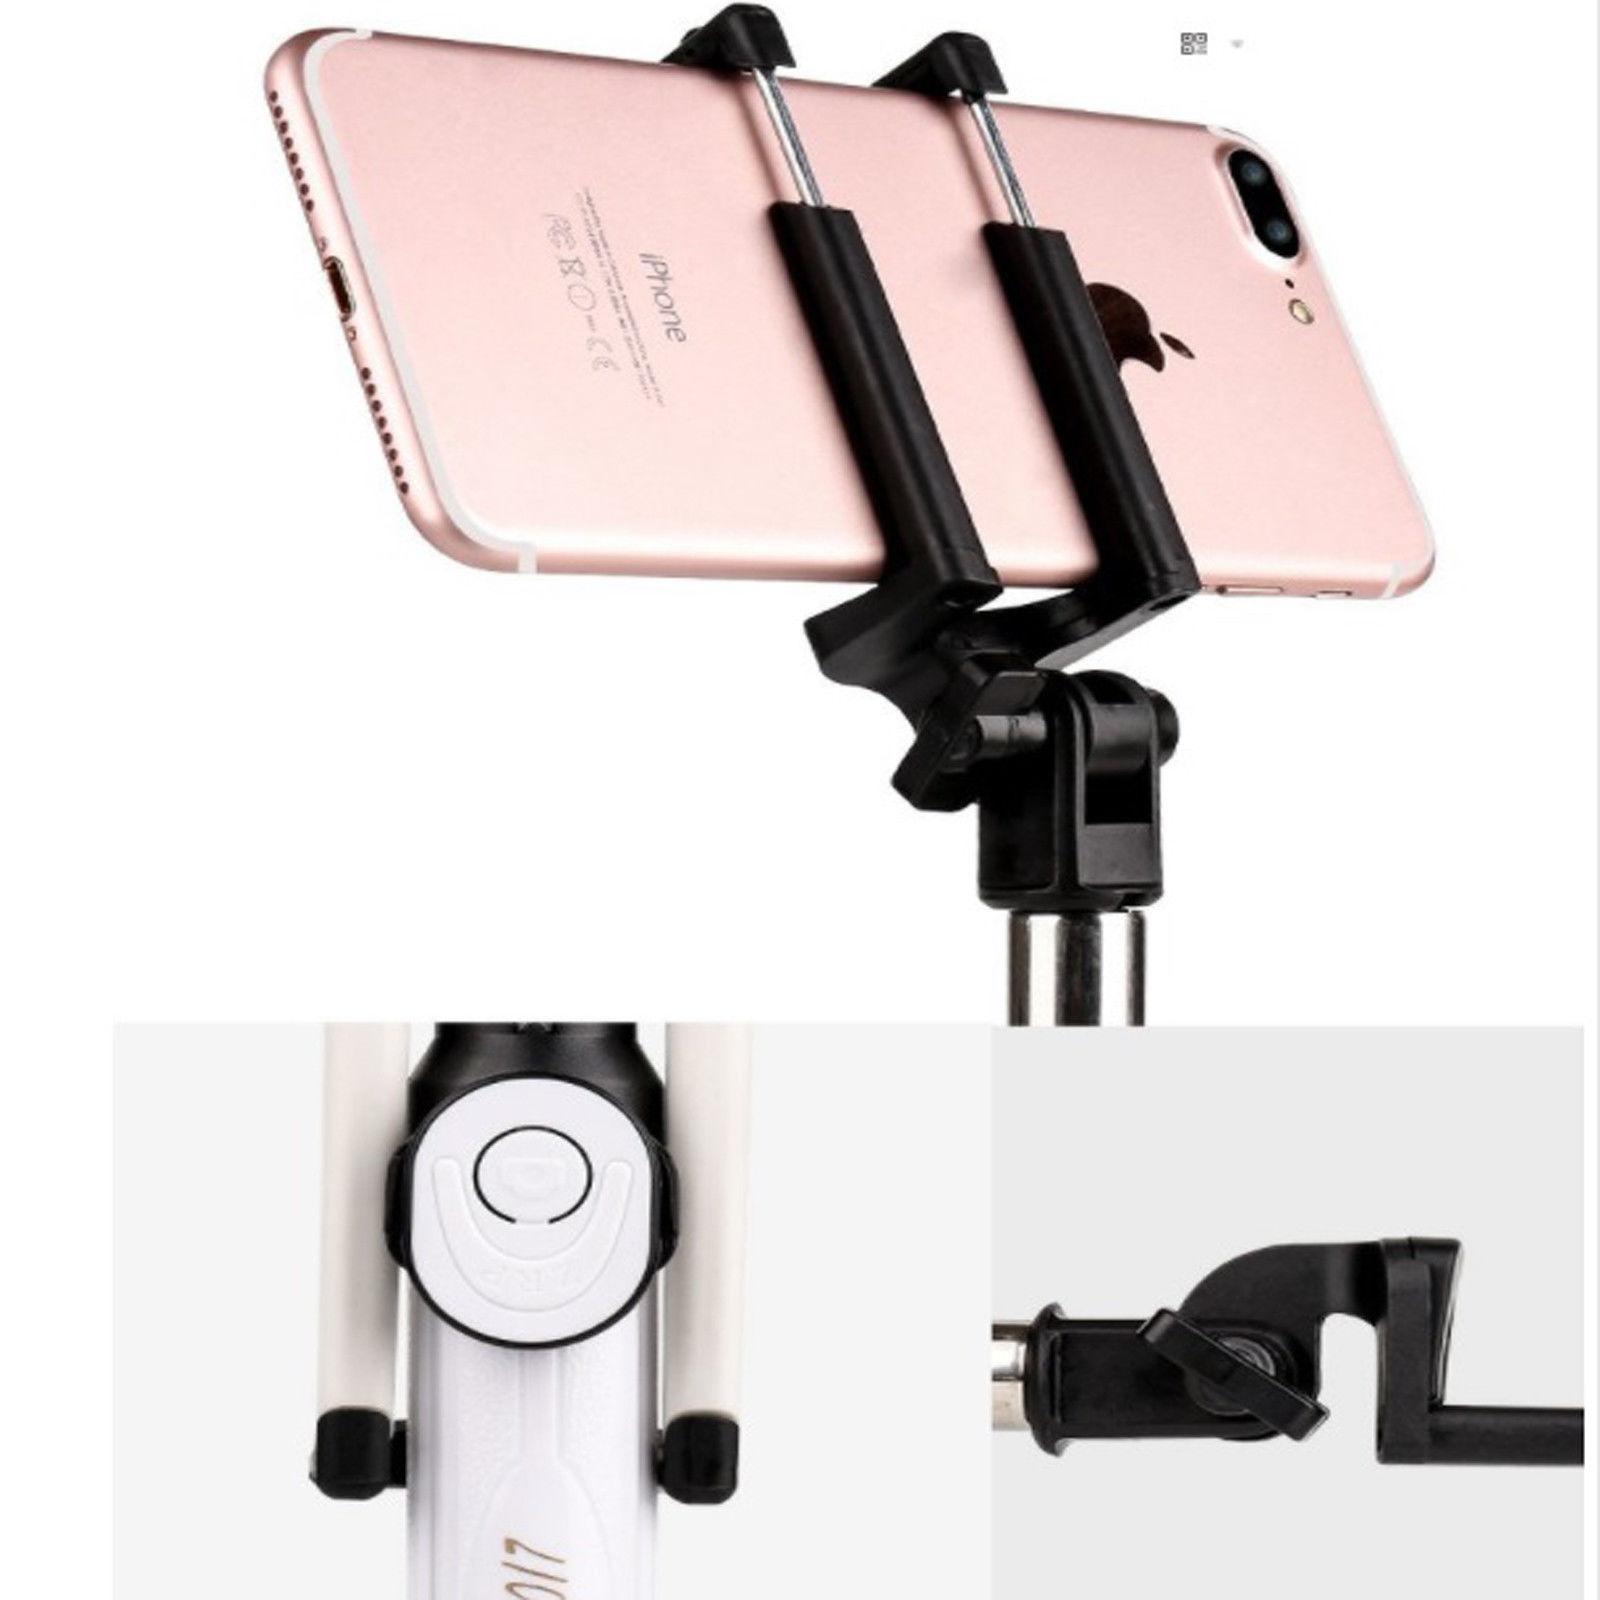 Gậy chụp hình tự sướng Selfie tripod bluetooth 28 kèm remote - Hàng Chính Hãng